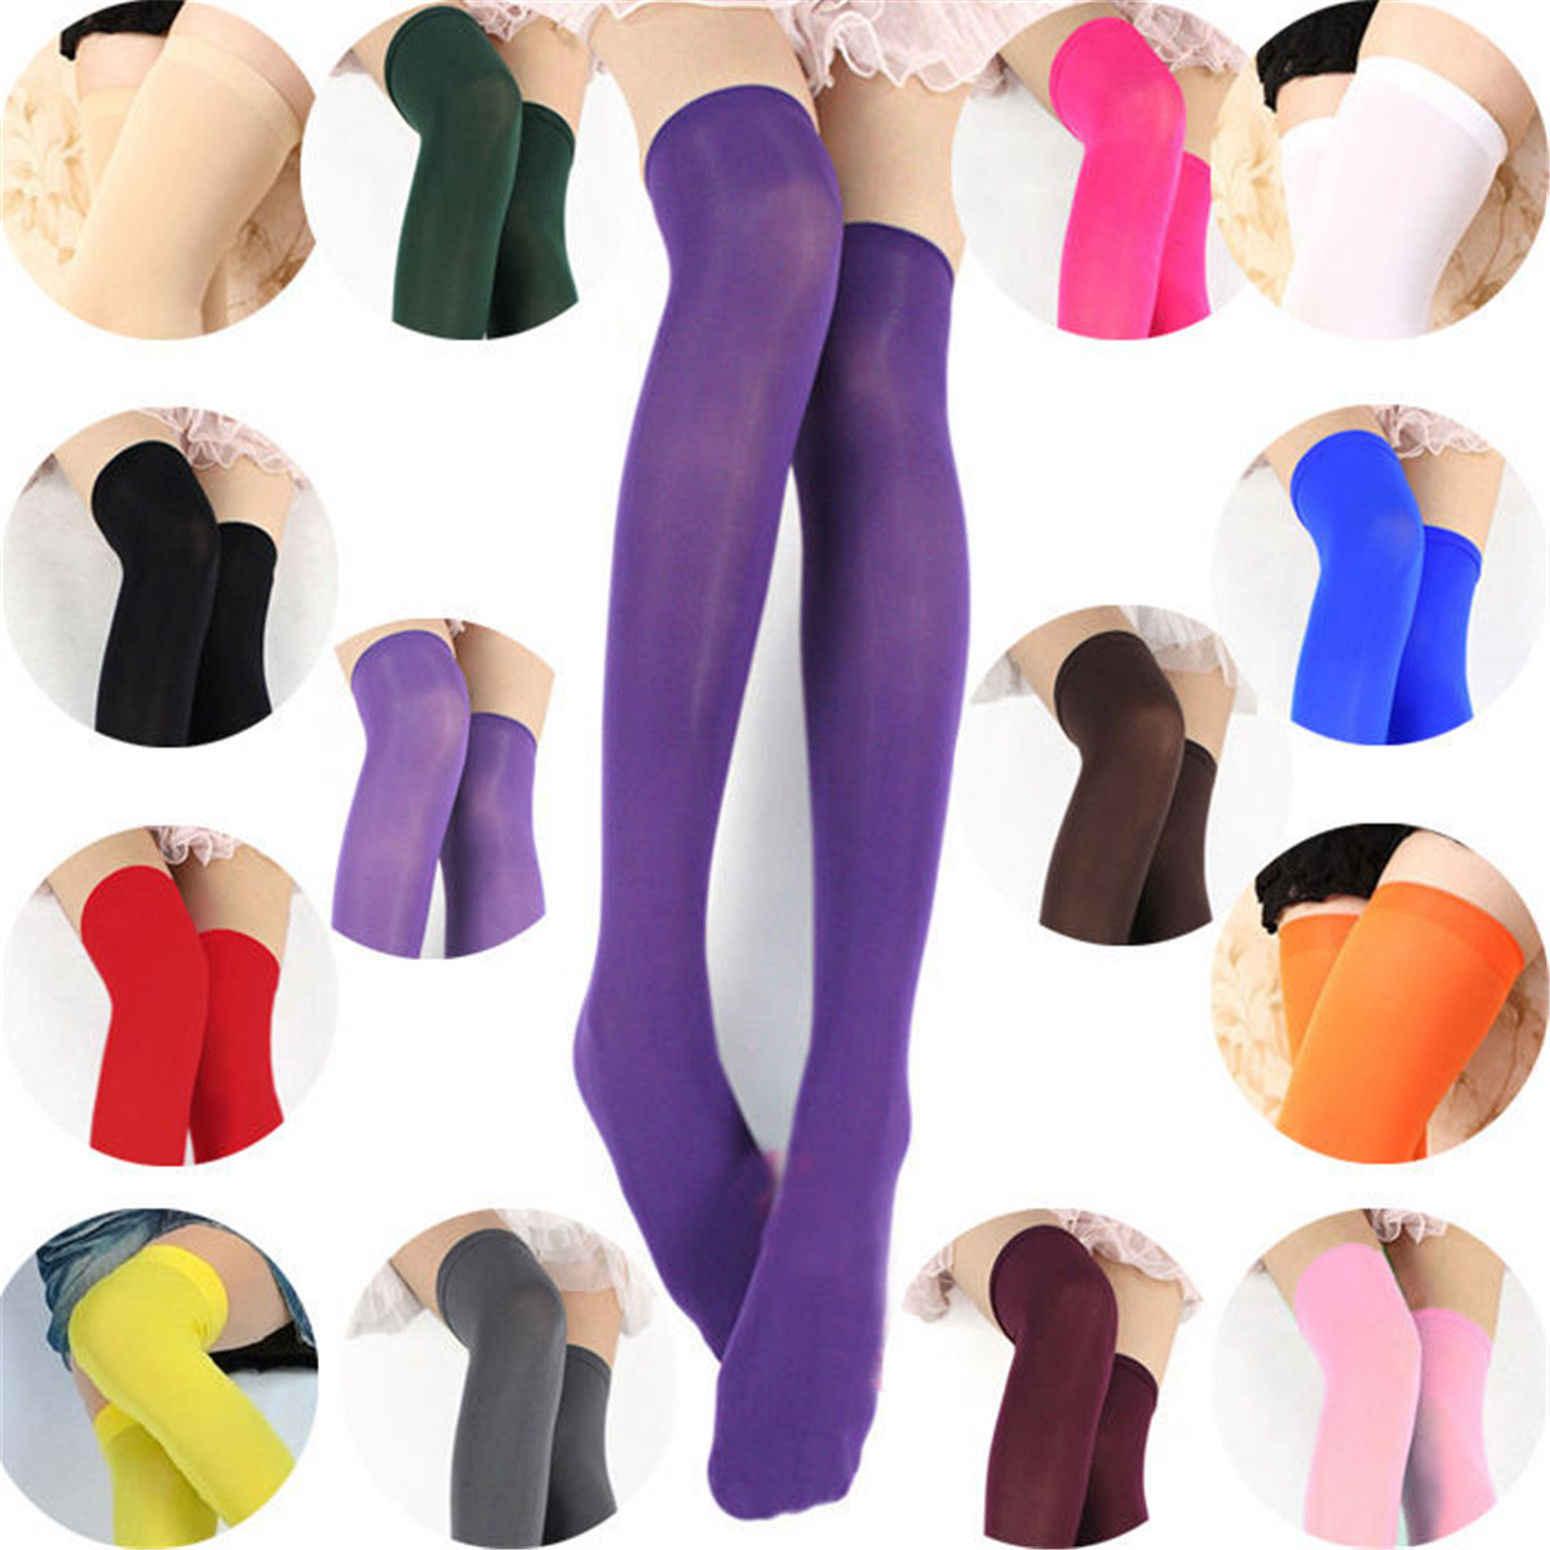 を選択するための 7 色ファッション女性服女の子余分なロングブーツ Sockings 膝 Socking 腿女子高ストッキング